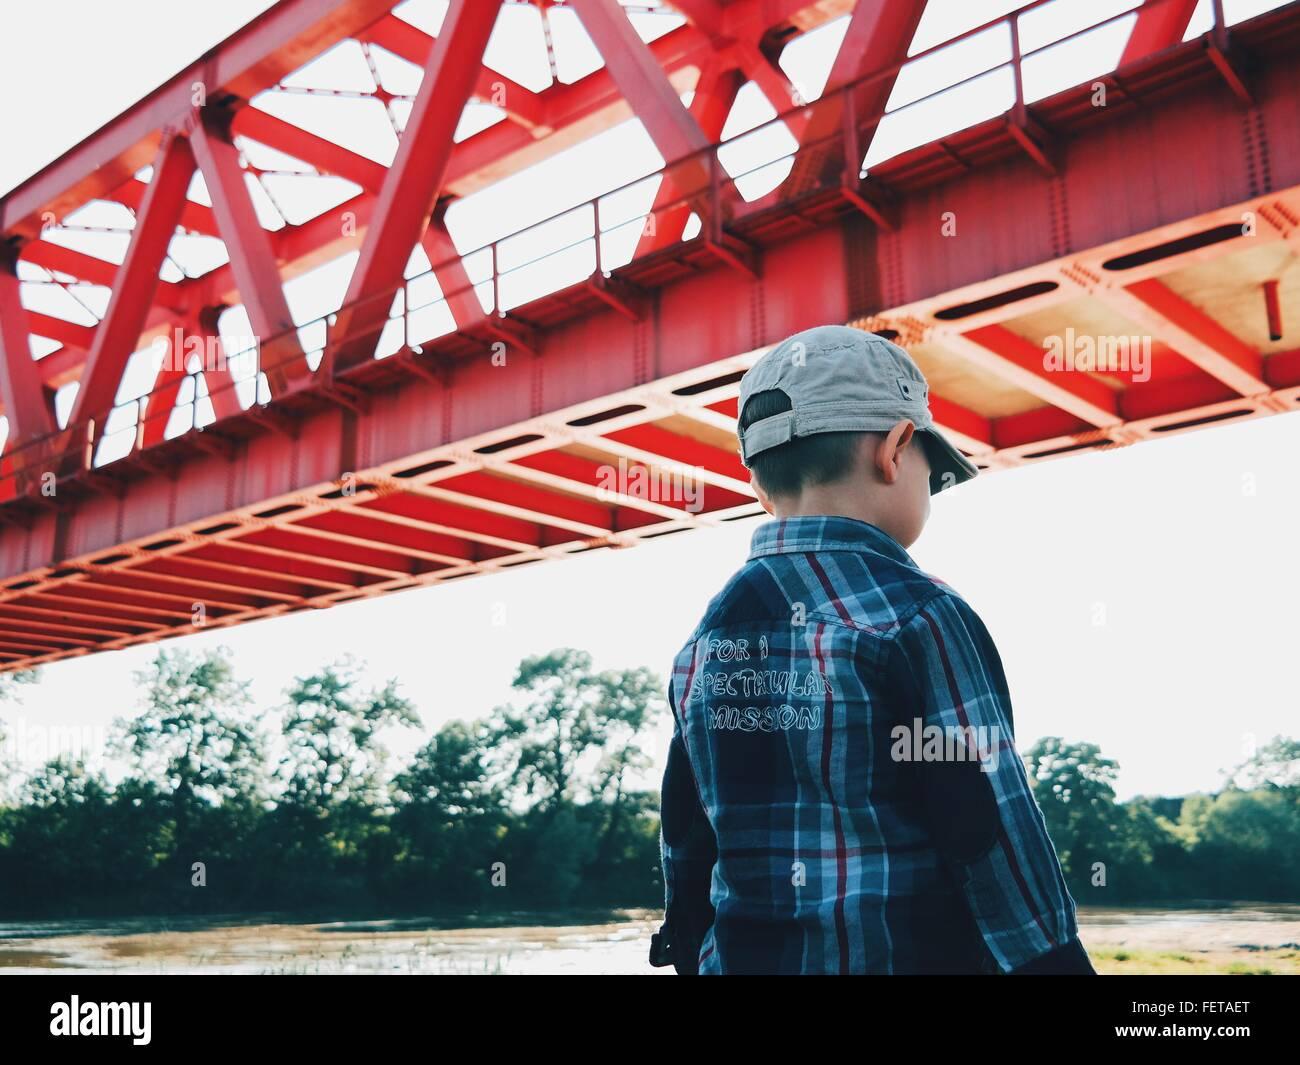 Rückansicht des jungen durch Brücke gegen Himmel Stockbild